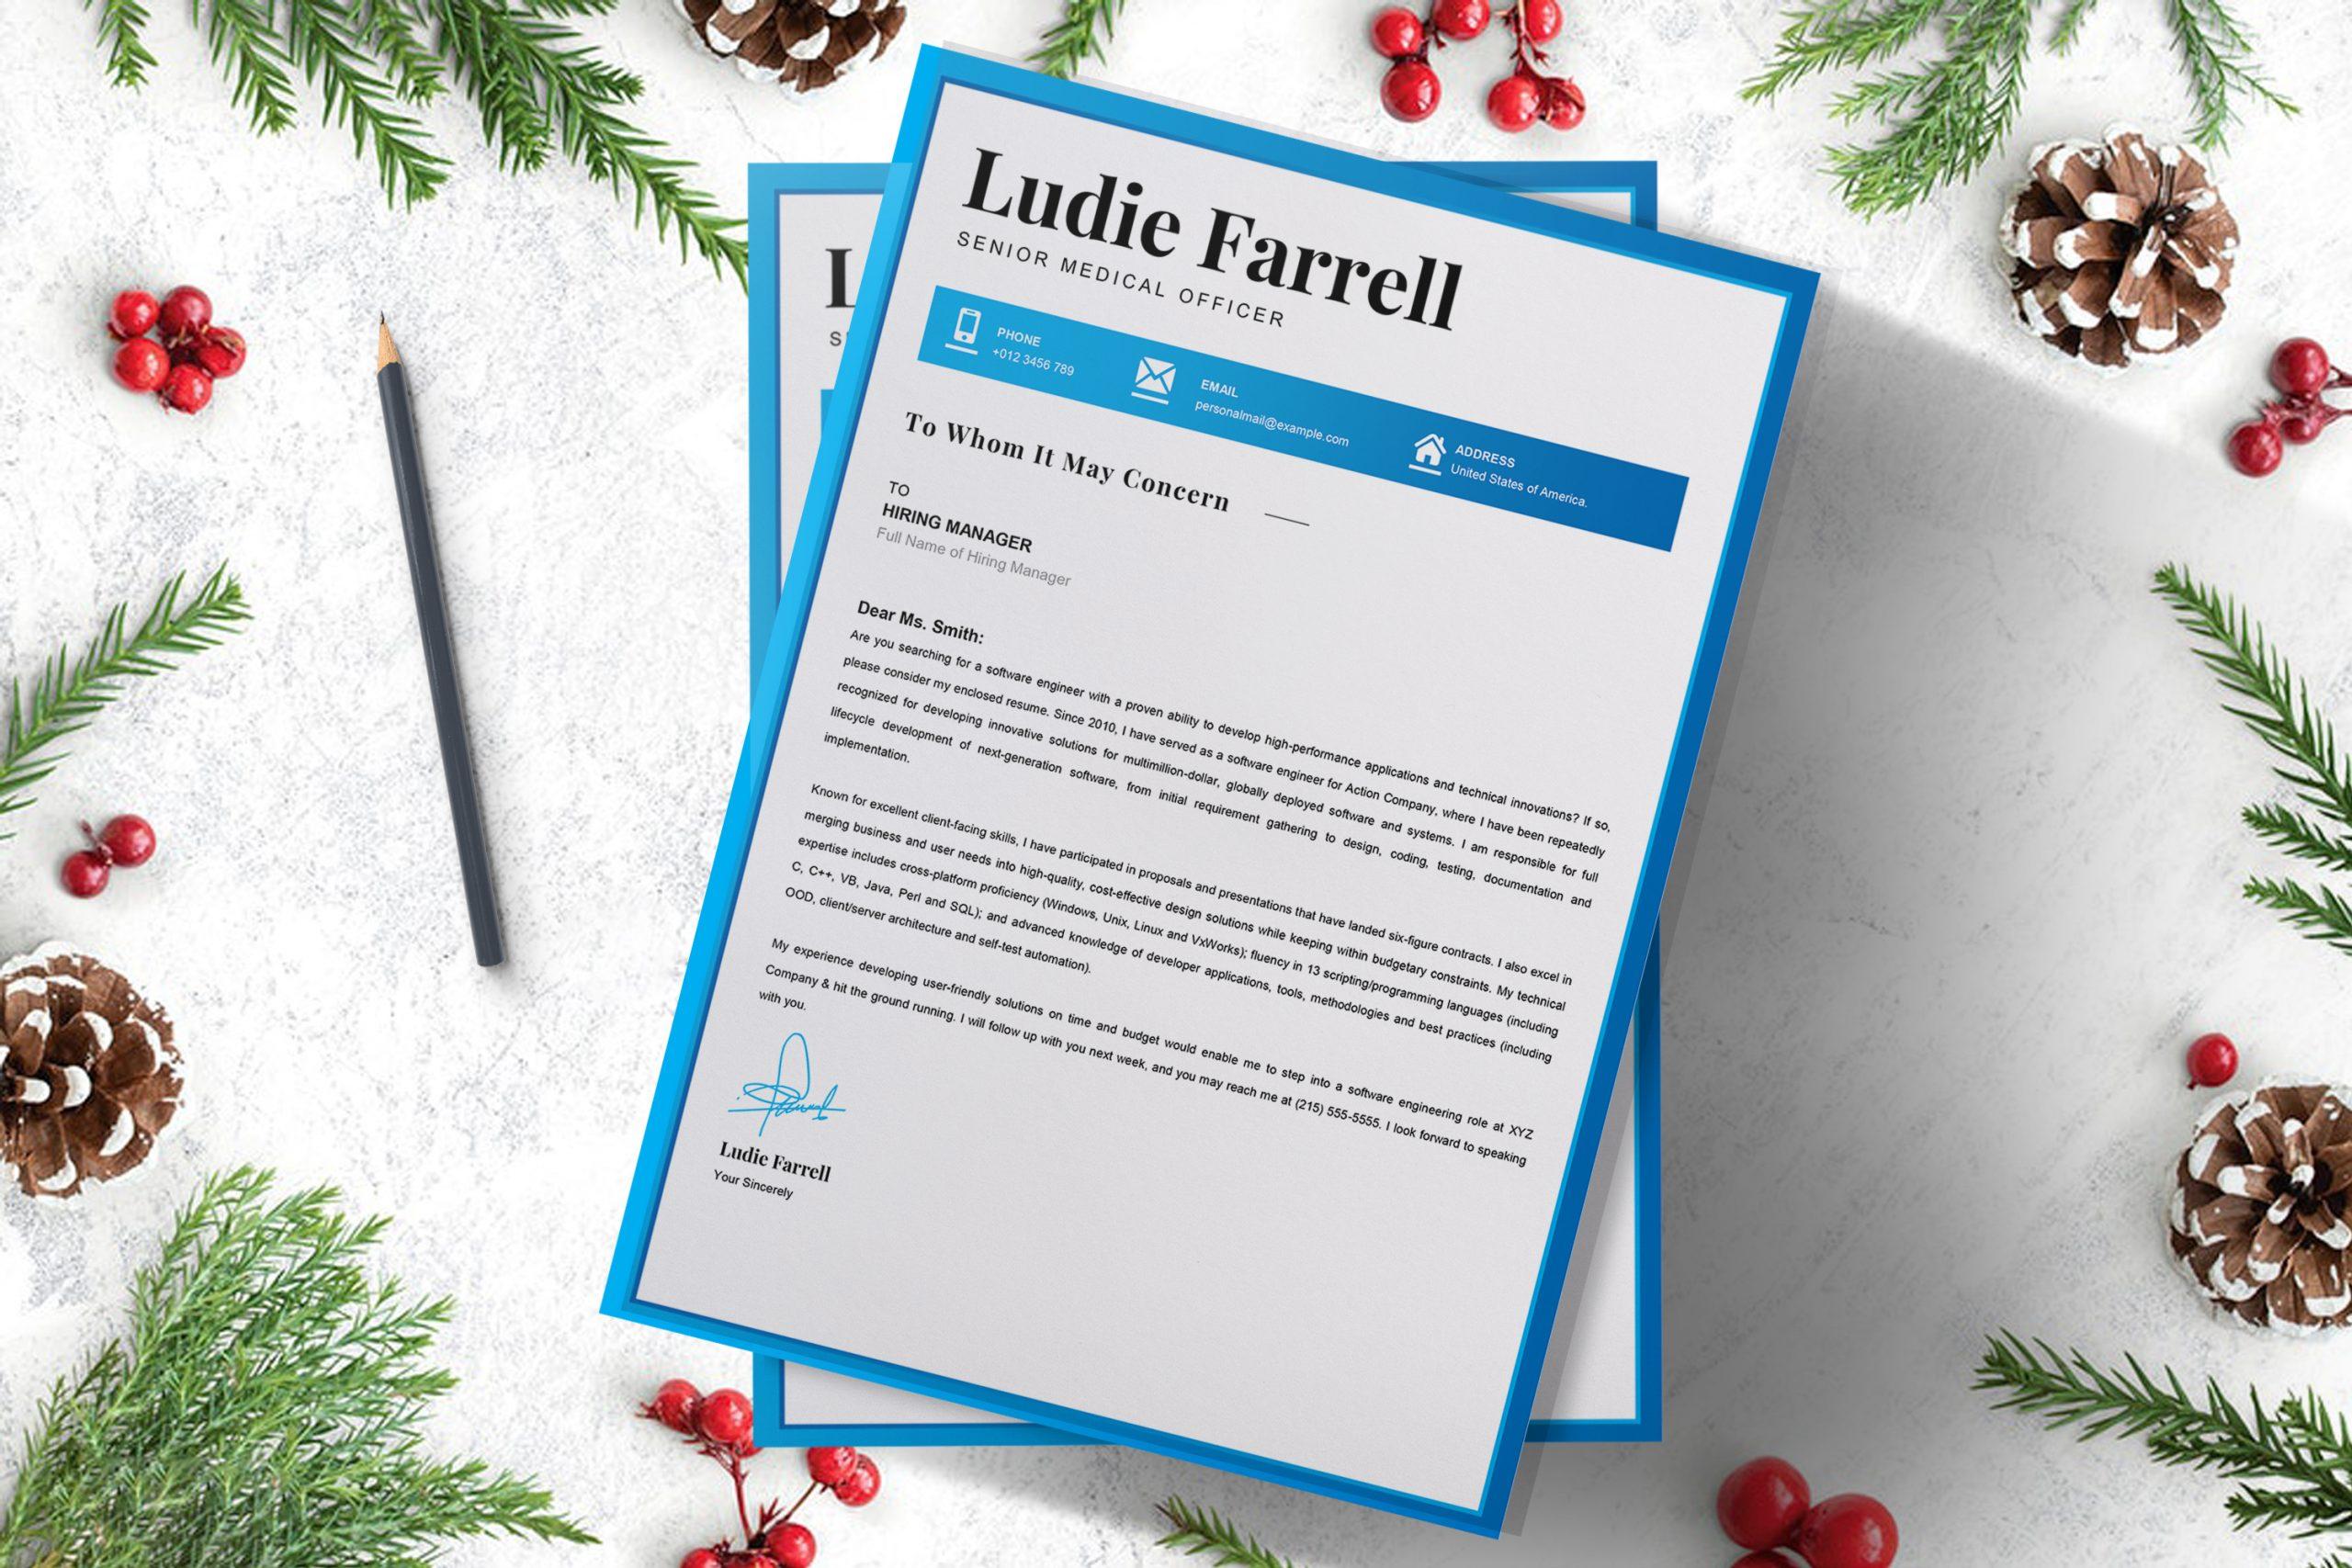 Senior-Medical-Officer-Cover-Letter-Template-4